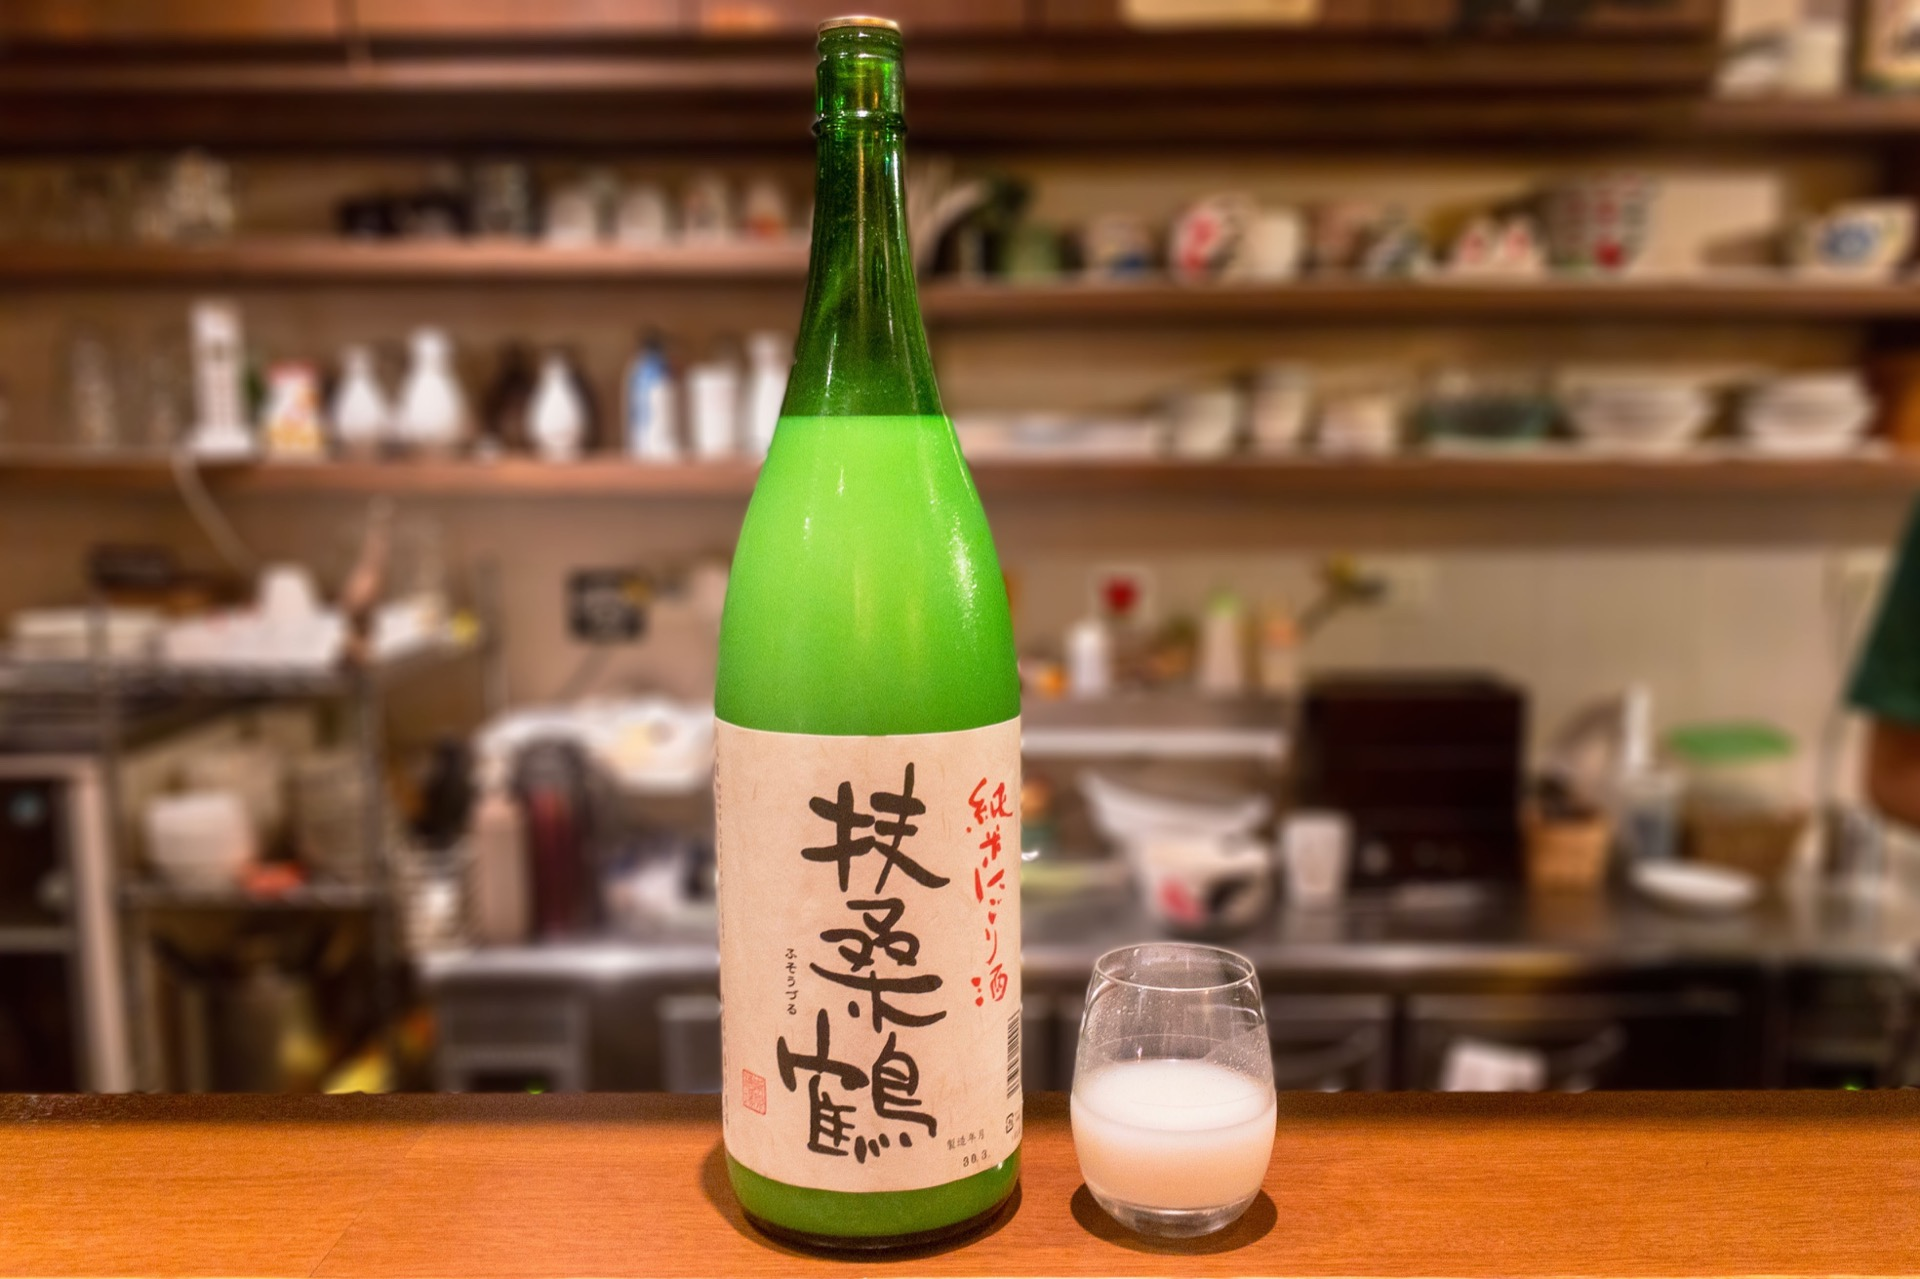 扶桑鶴 純米にごり酒|日本酒テイスティングノート